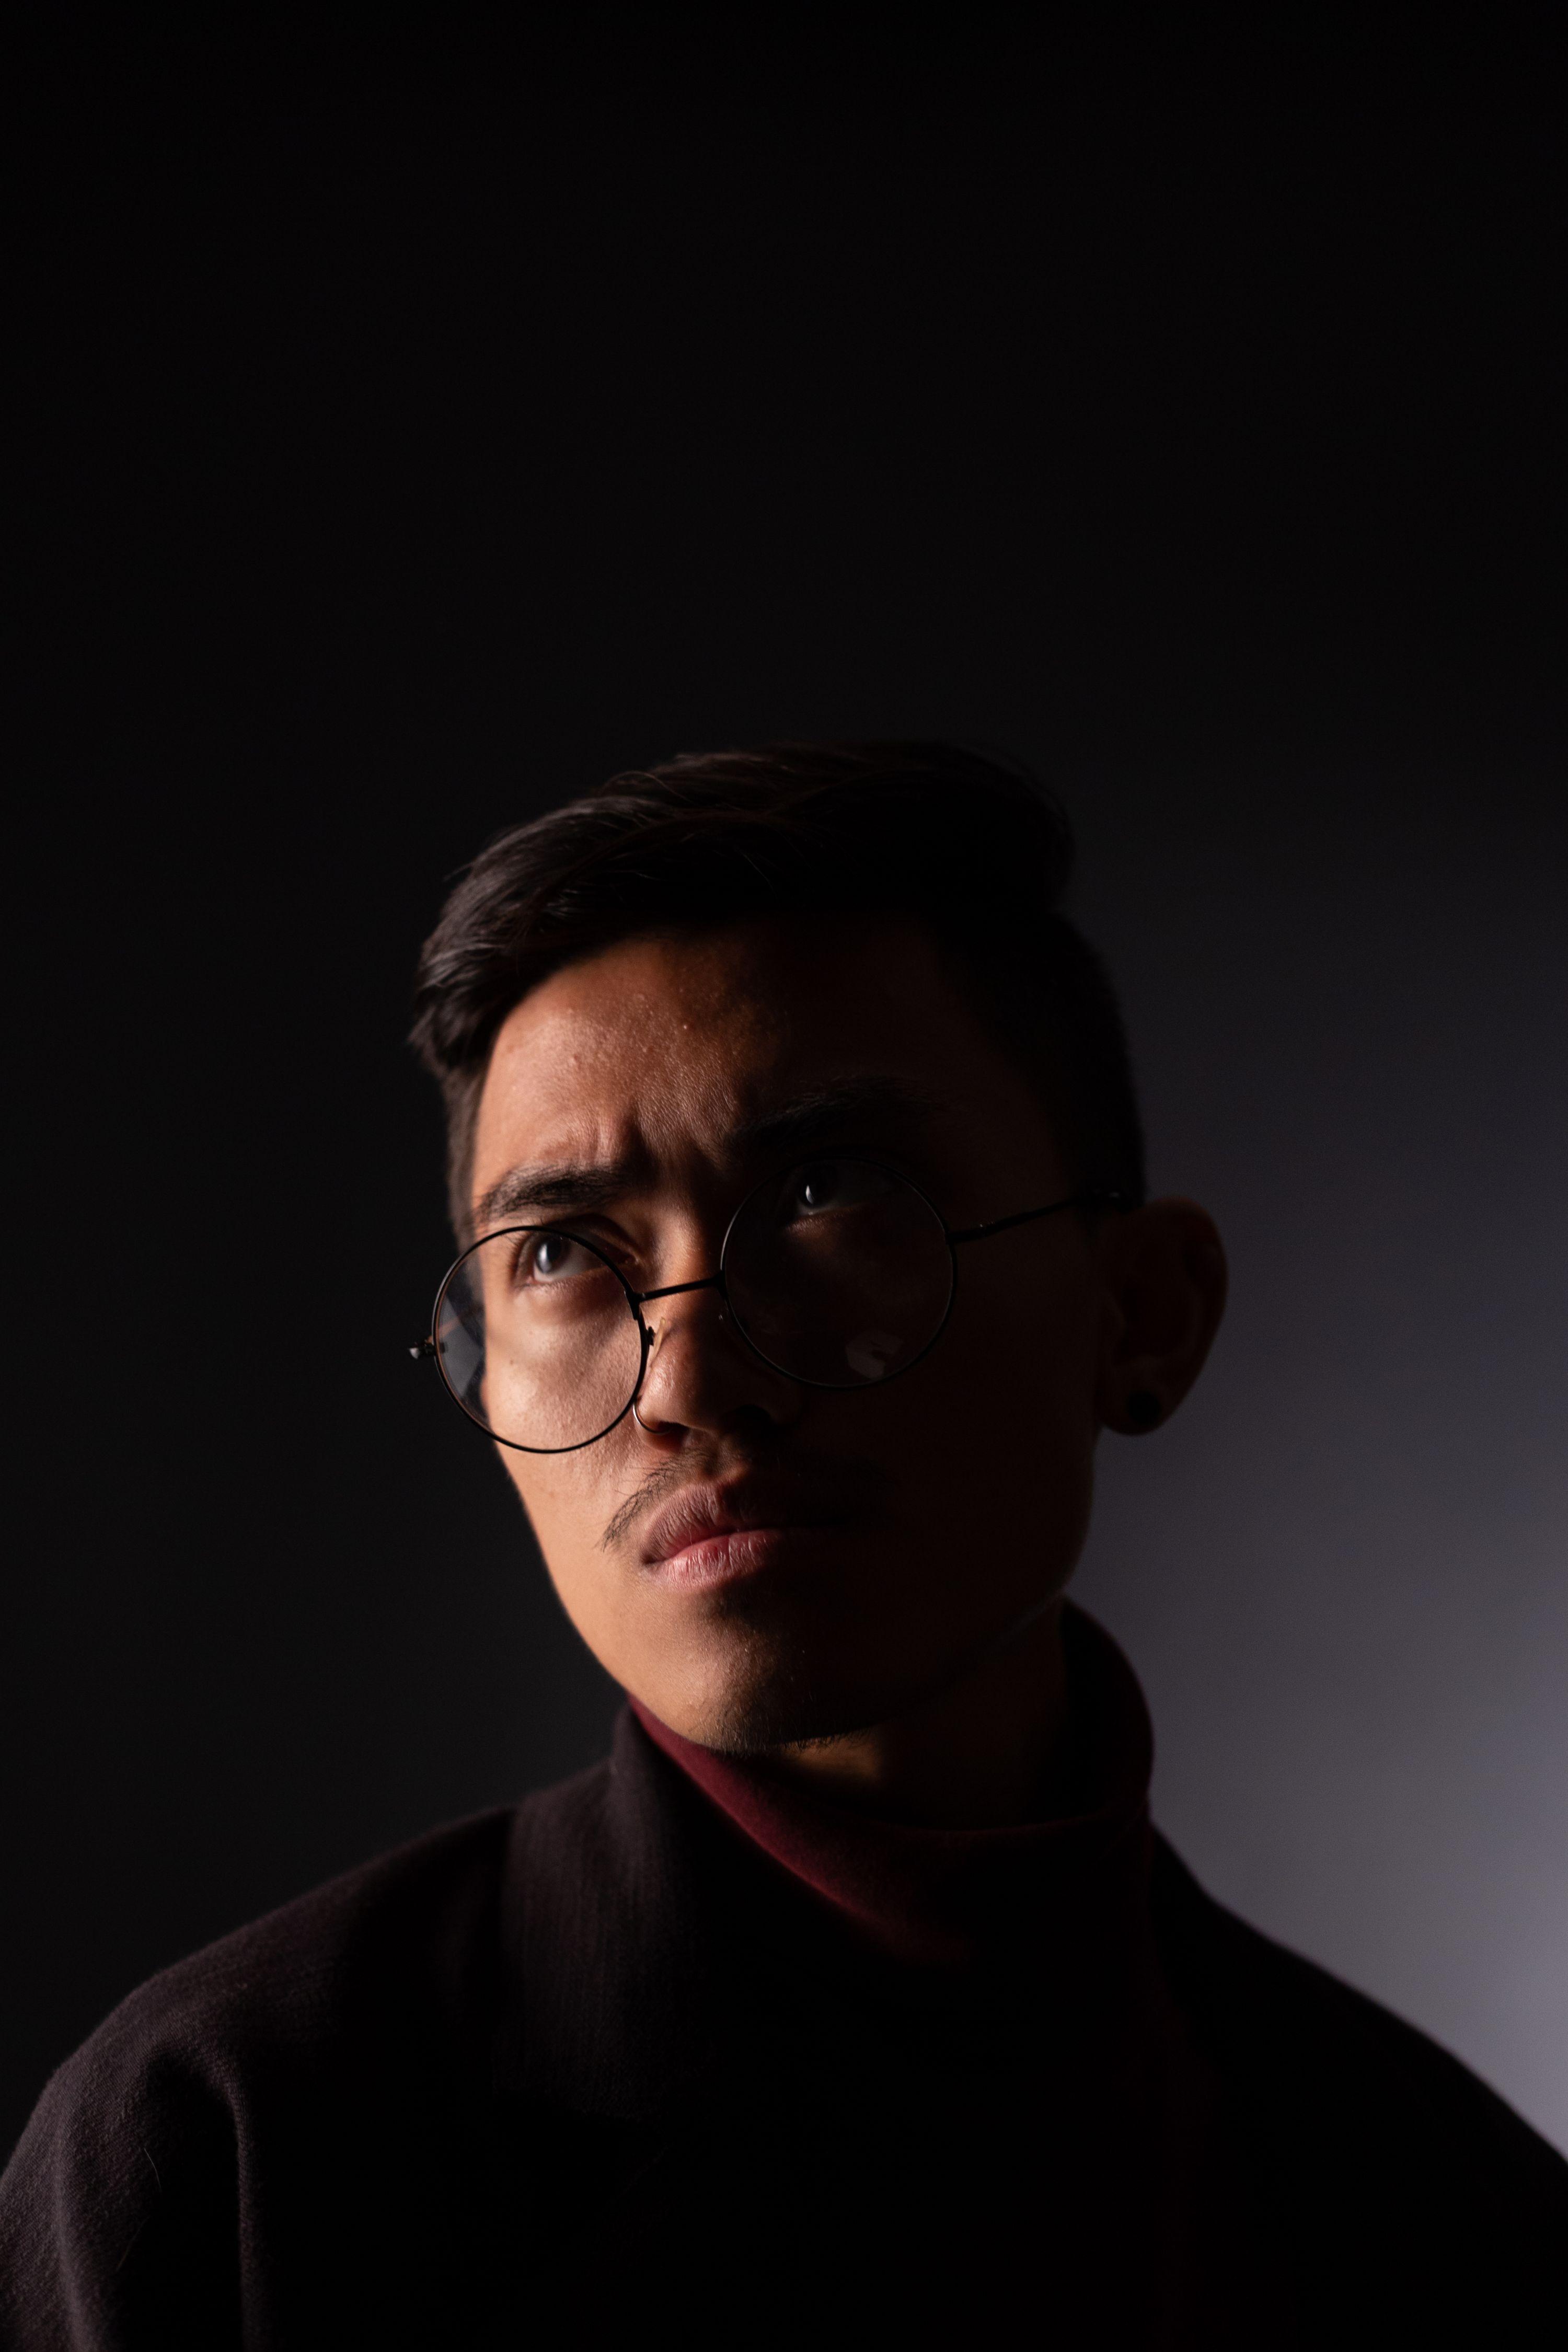 John Dela Cruz